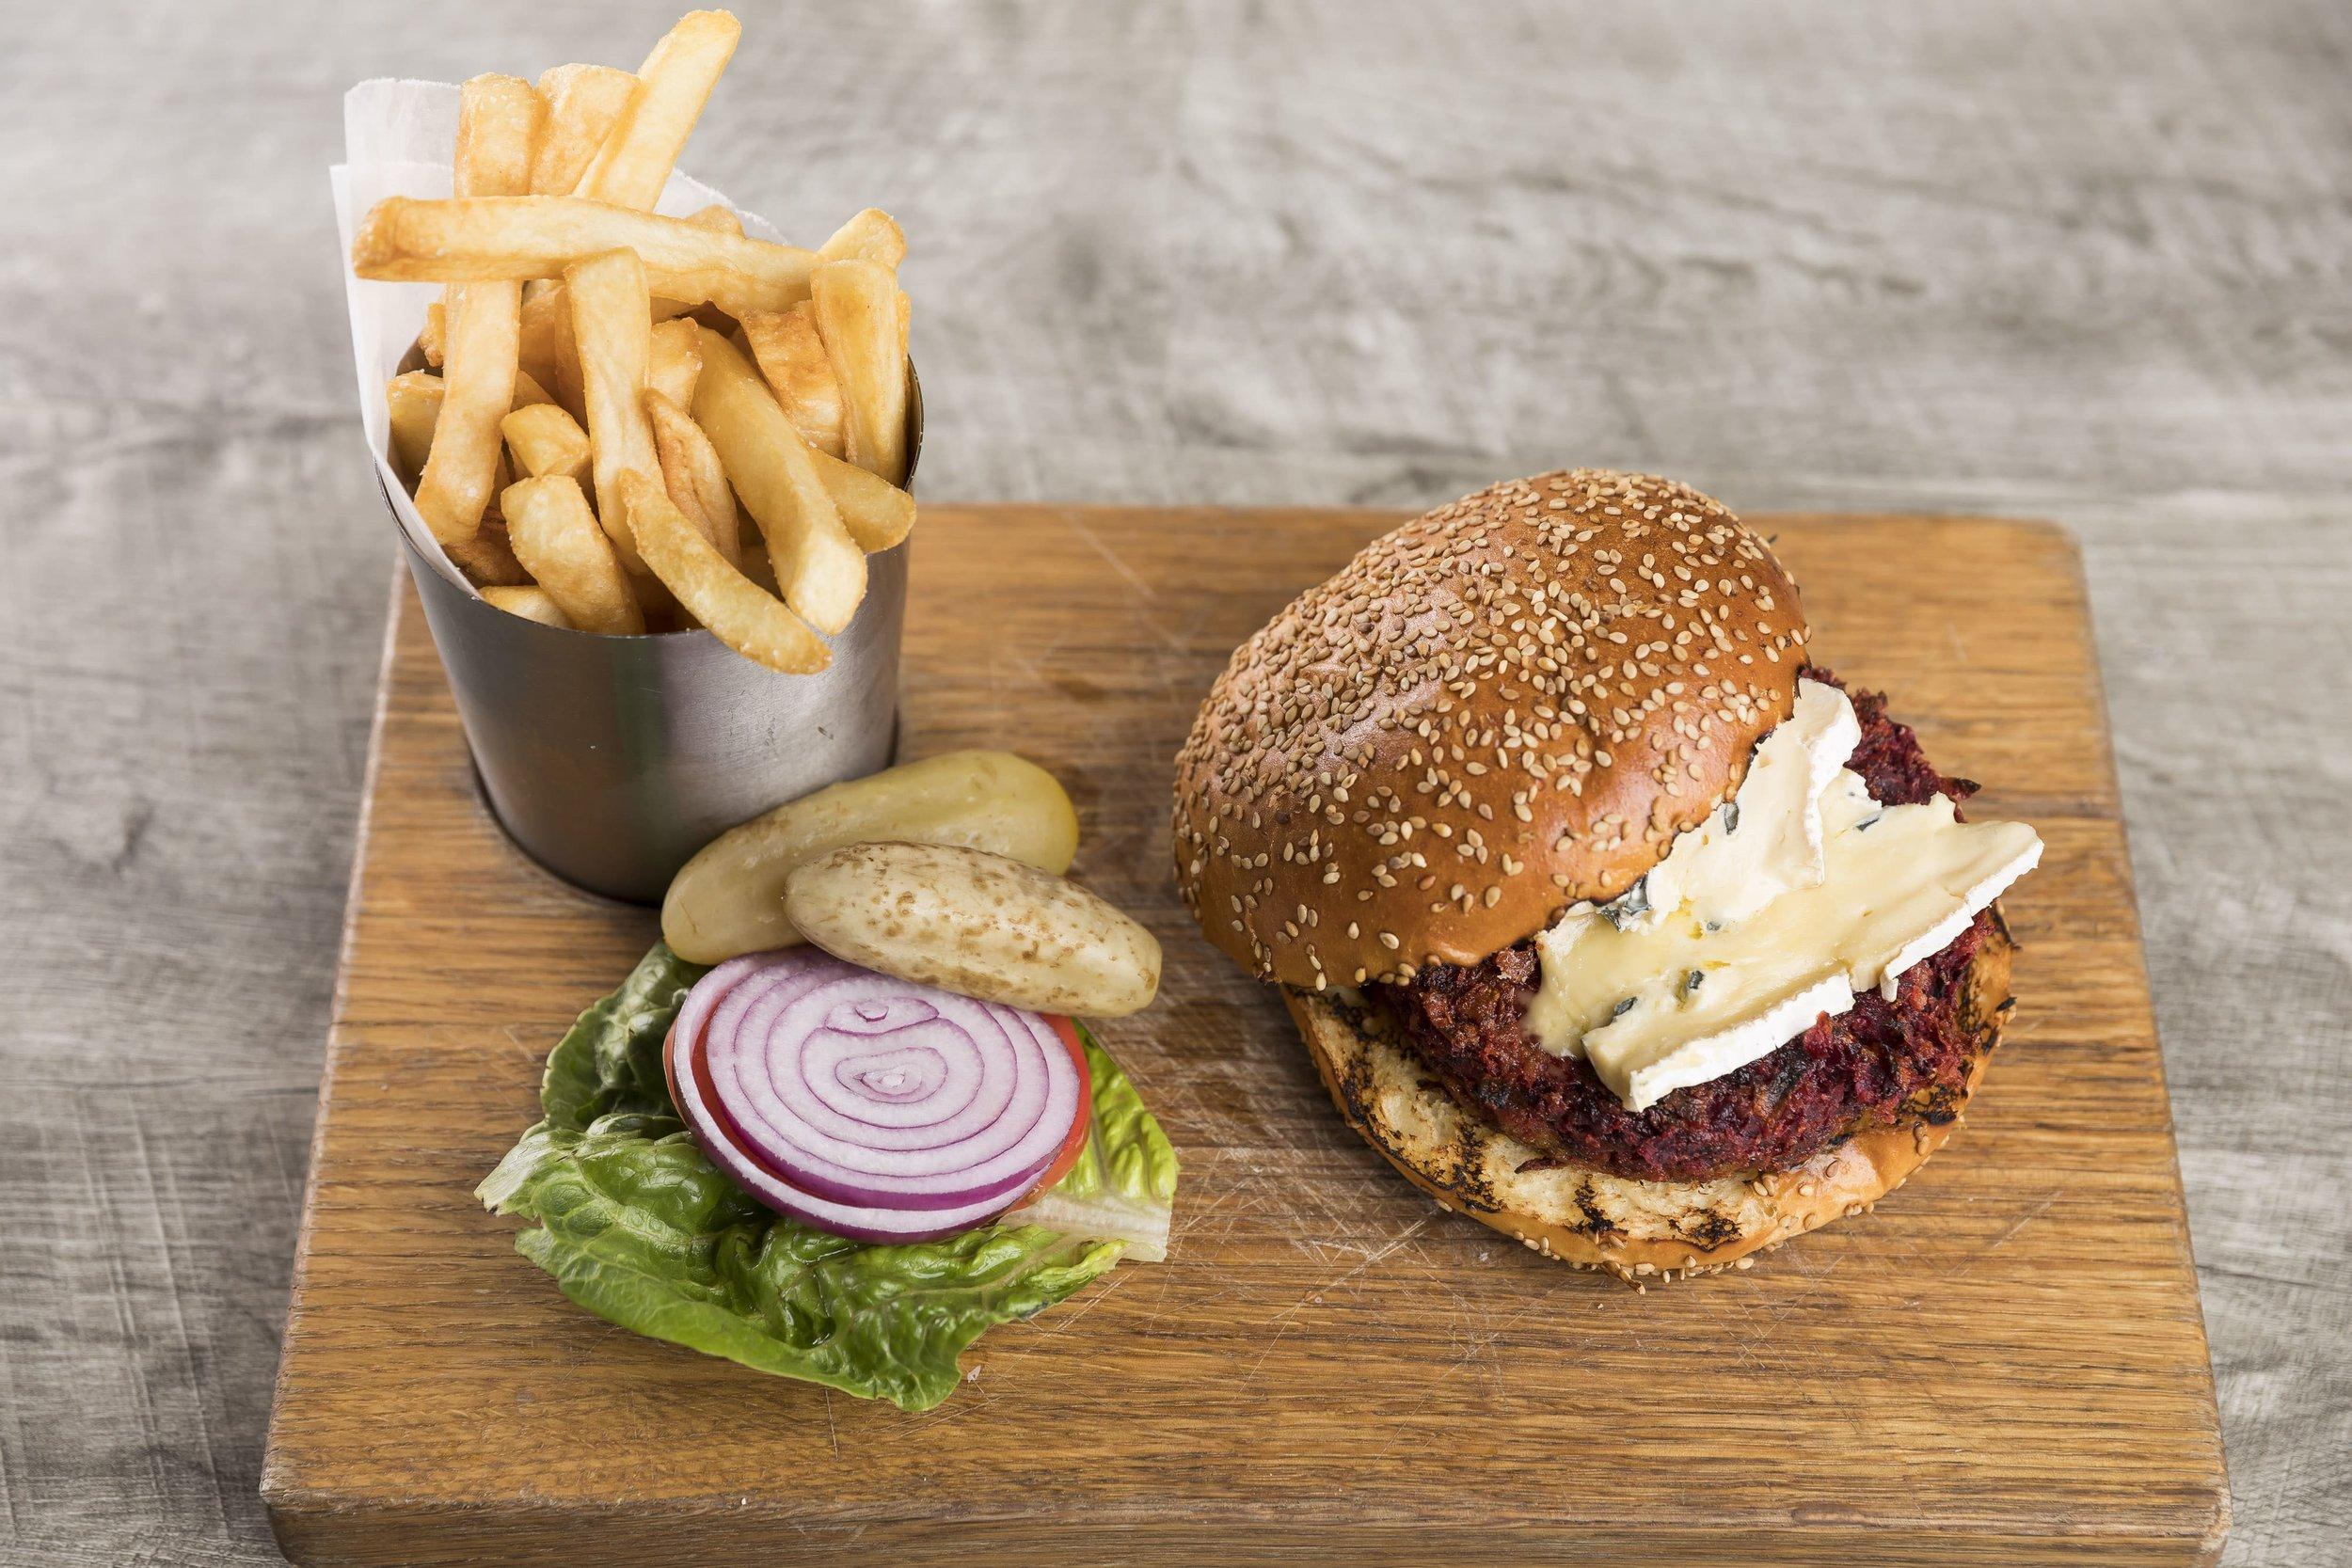 Katchkie beet burger_9.28.18_Ben Hider3.jpg